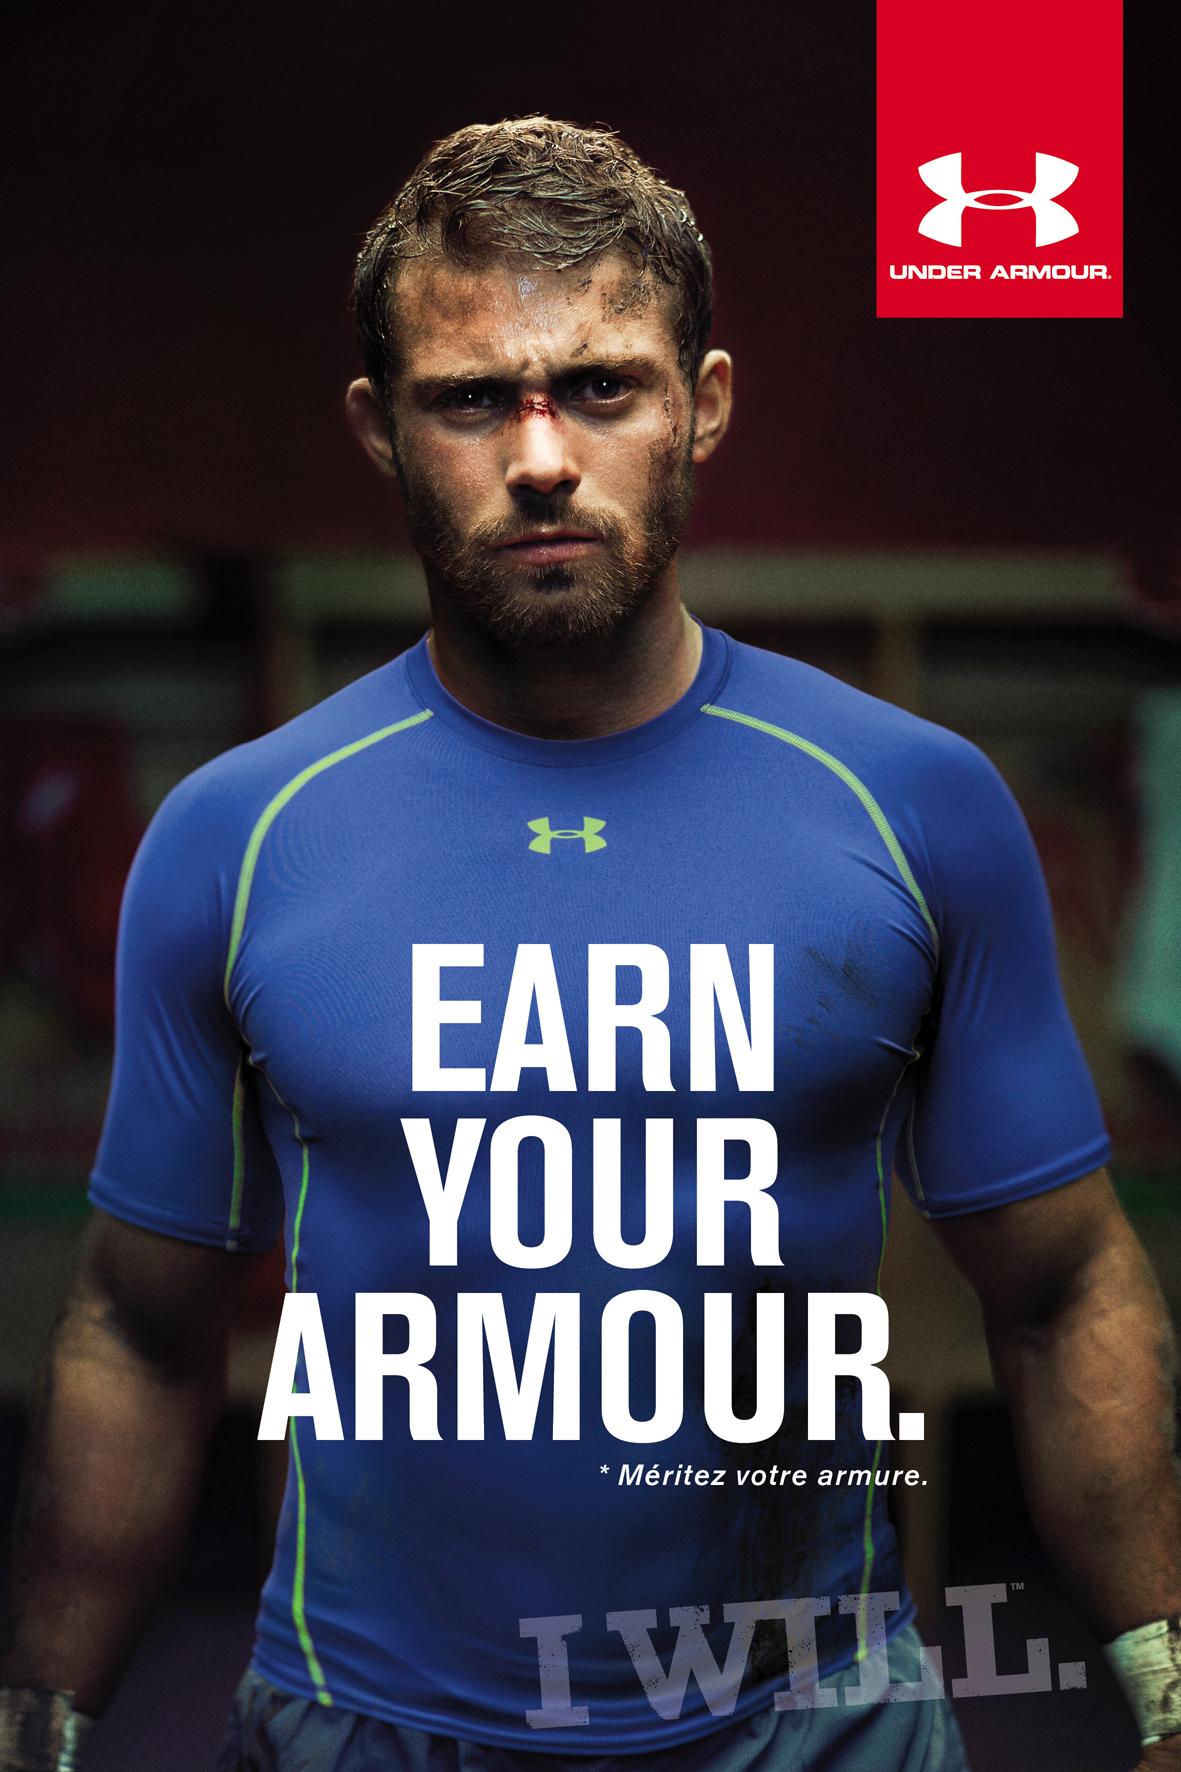 Earn your armour